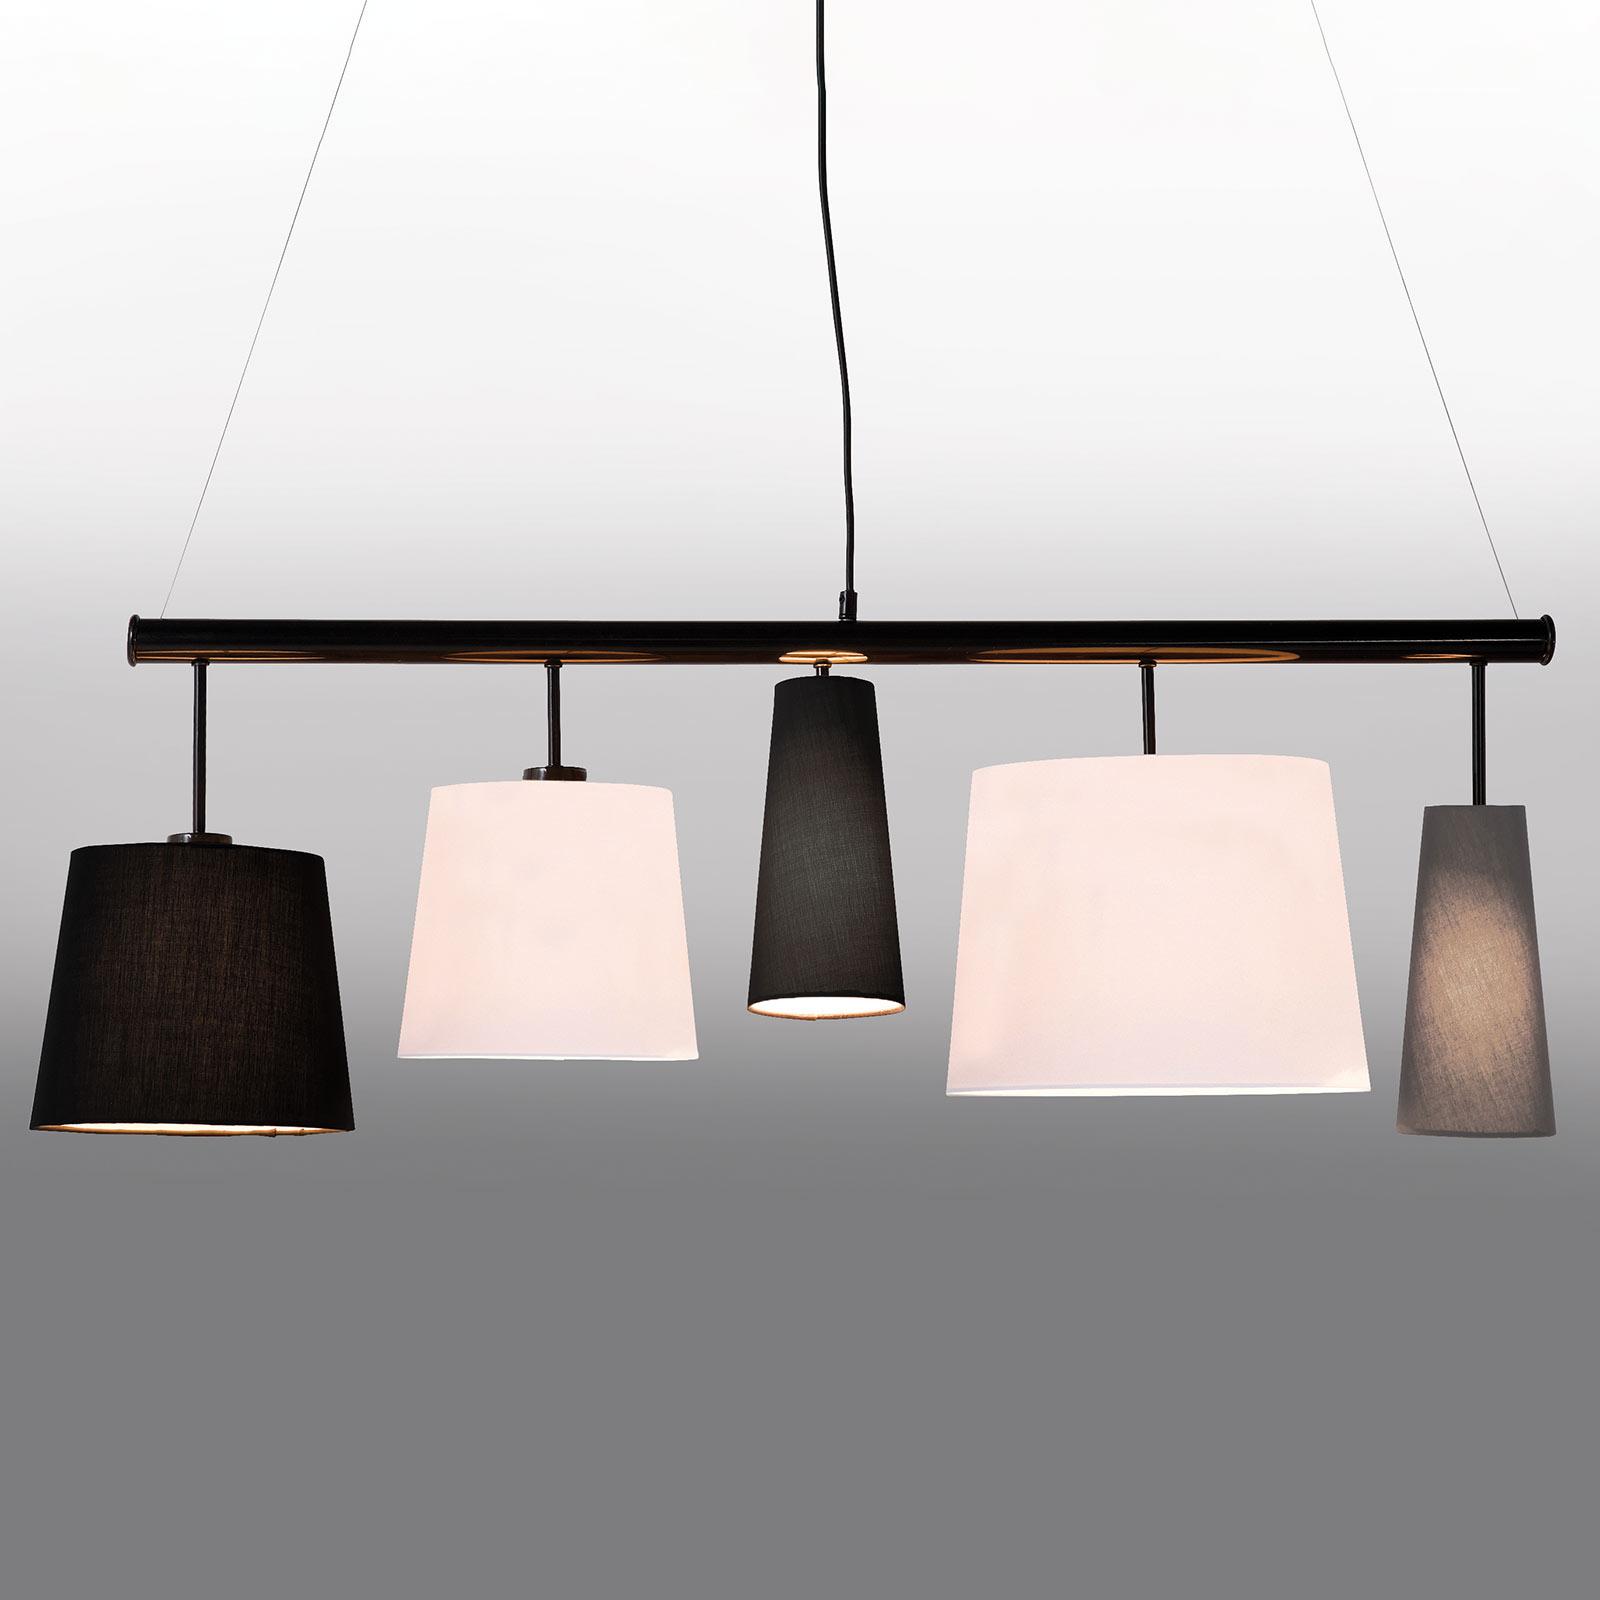 KARE Parecchi hængelampe, 100 cm, sort